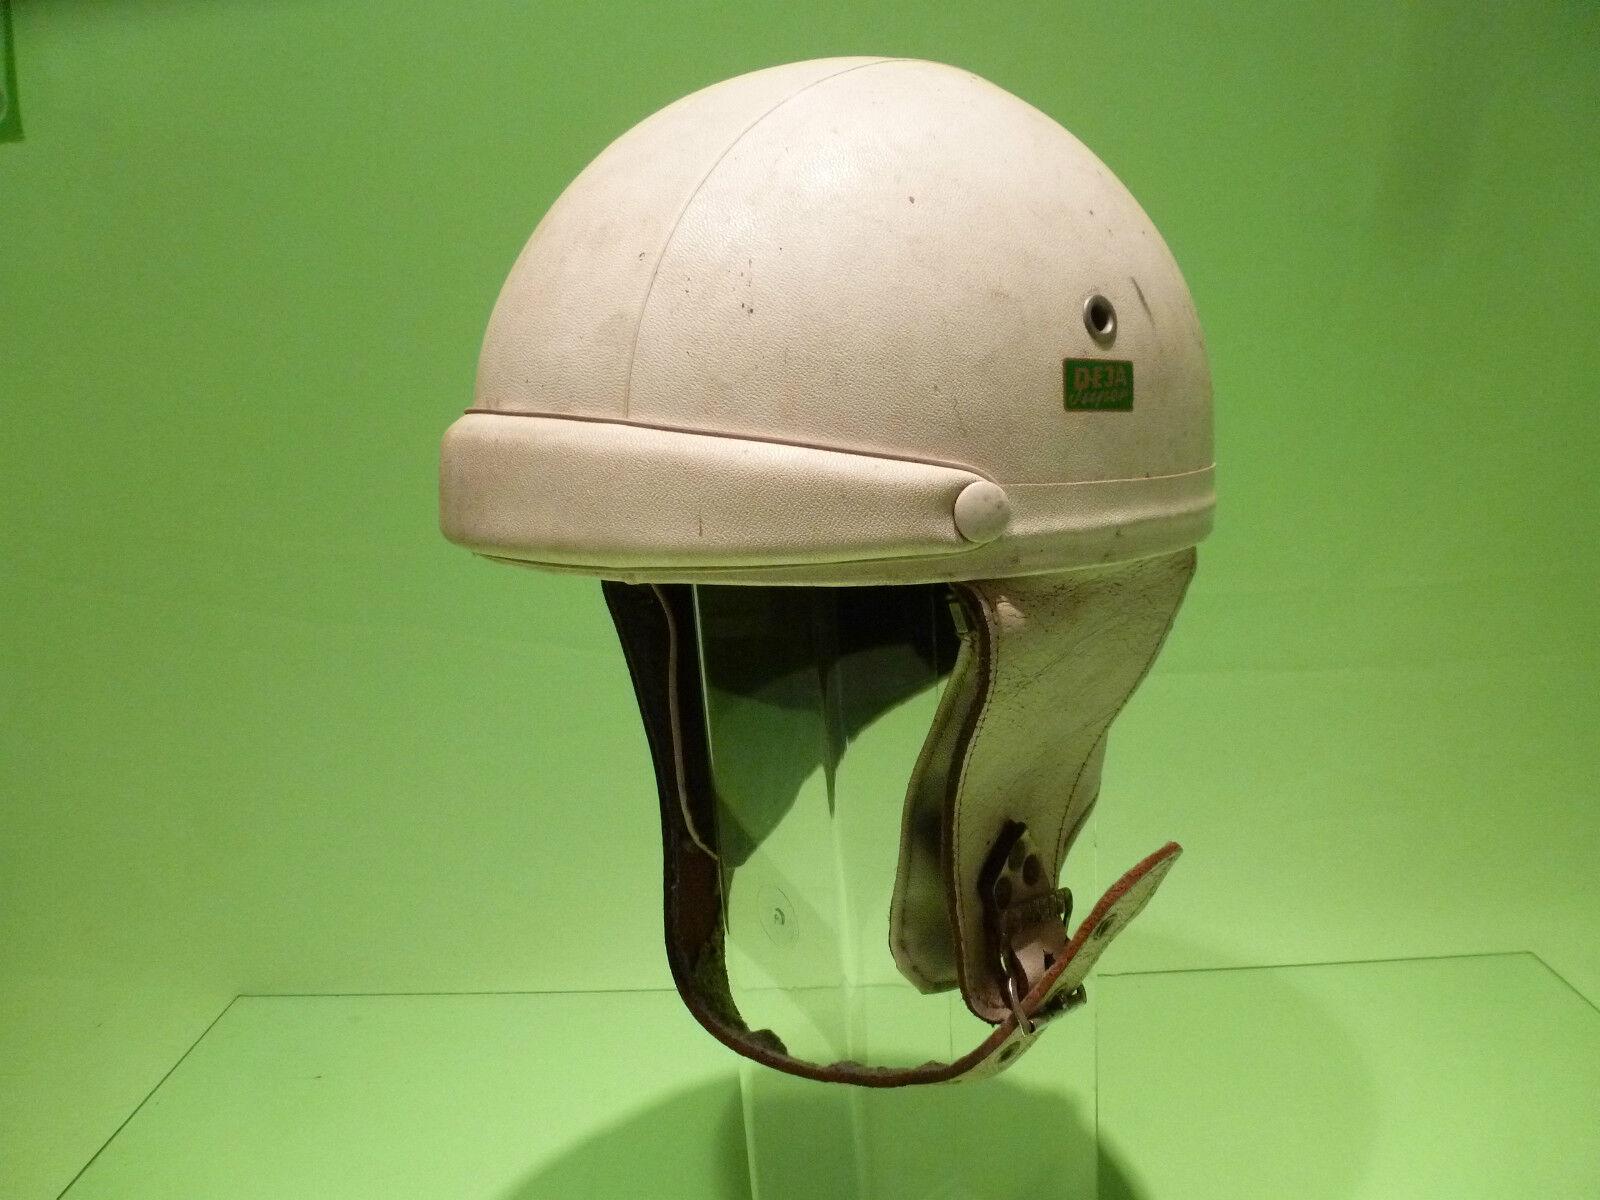 Vintage - helm déjà super - solex - größe 55 - selten selten ( 5 - in gutem zustand